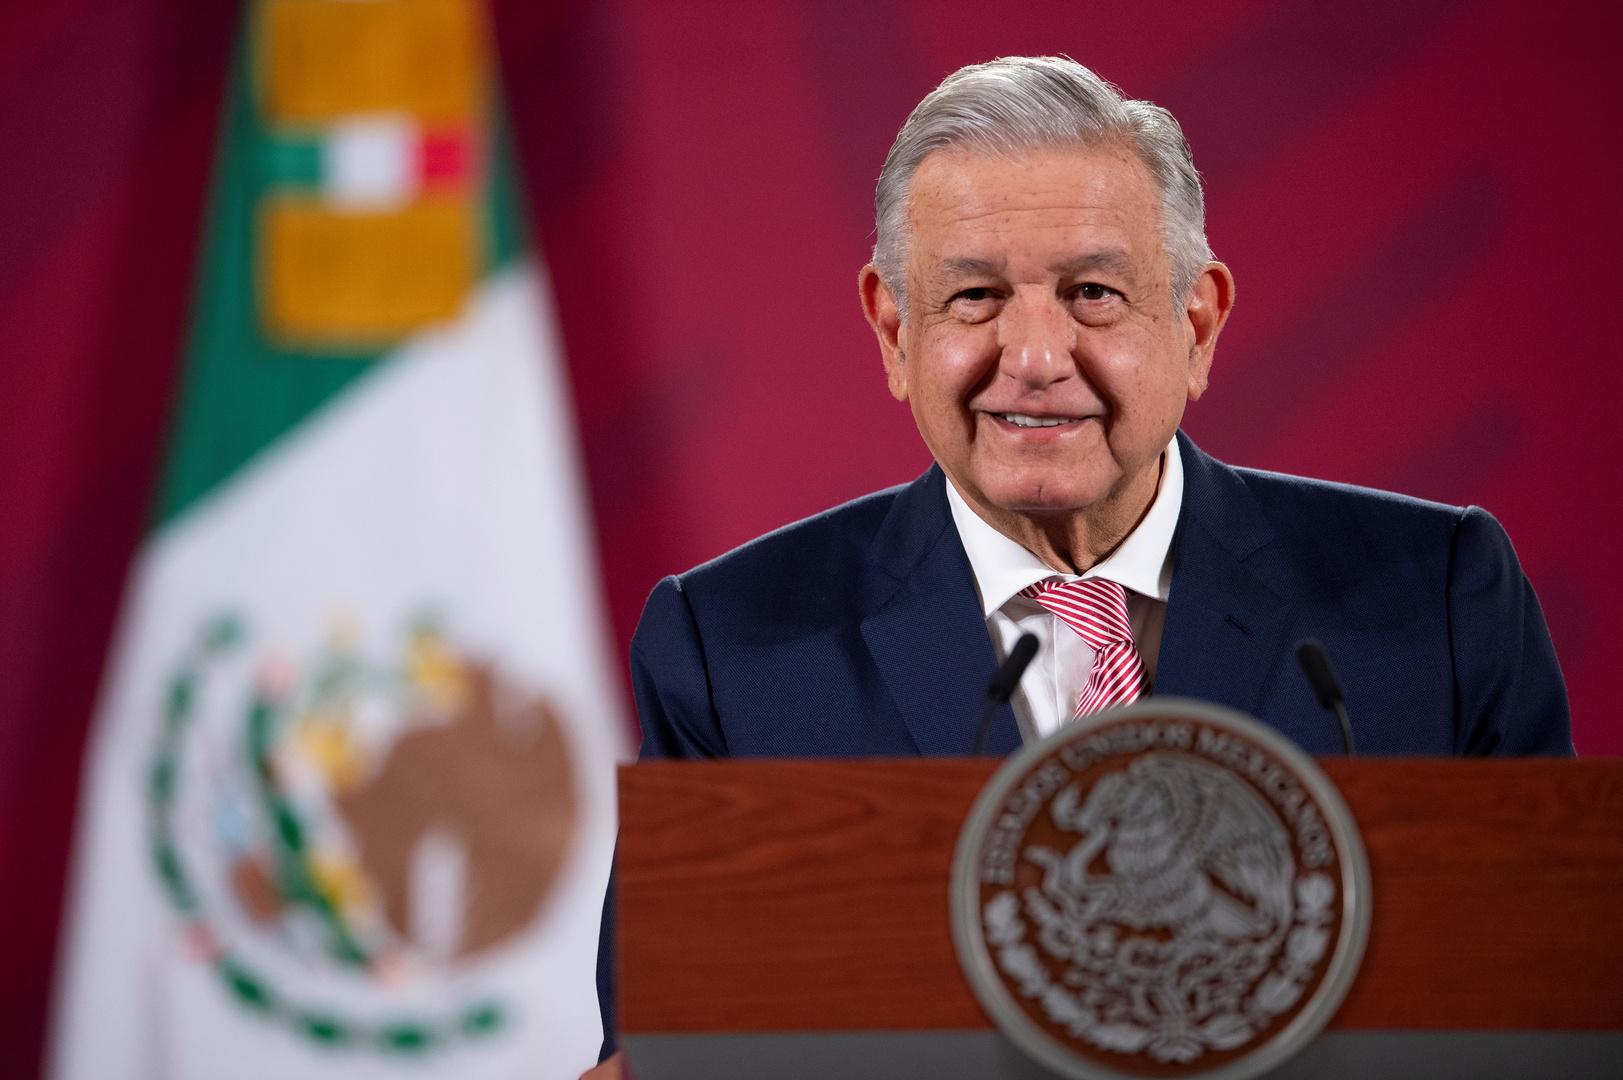 الرئيس المكسيكي حول تهنئته لبايدن: أفضل شيء هو